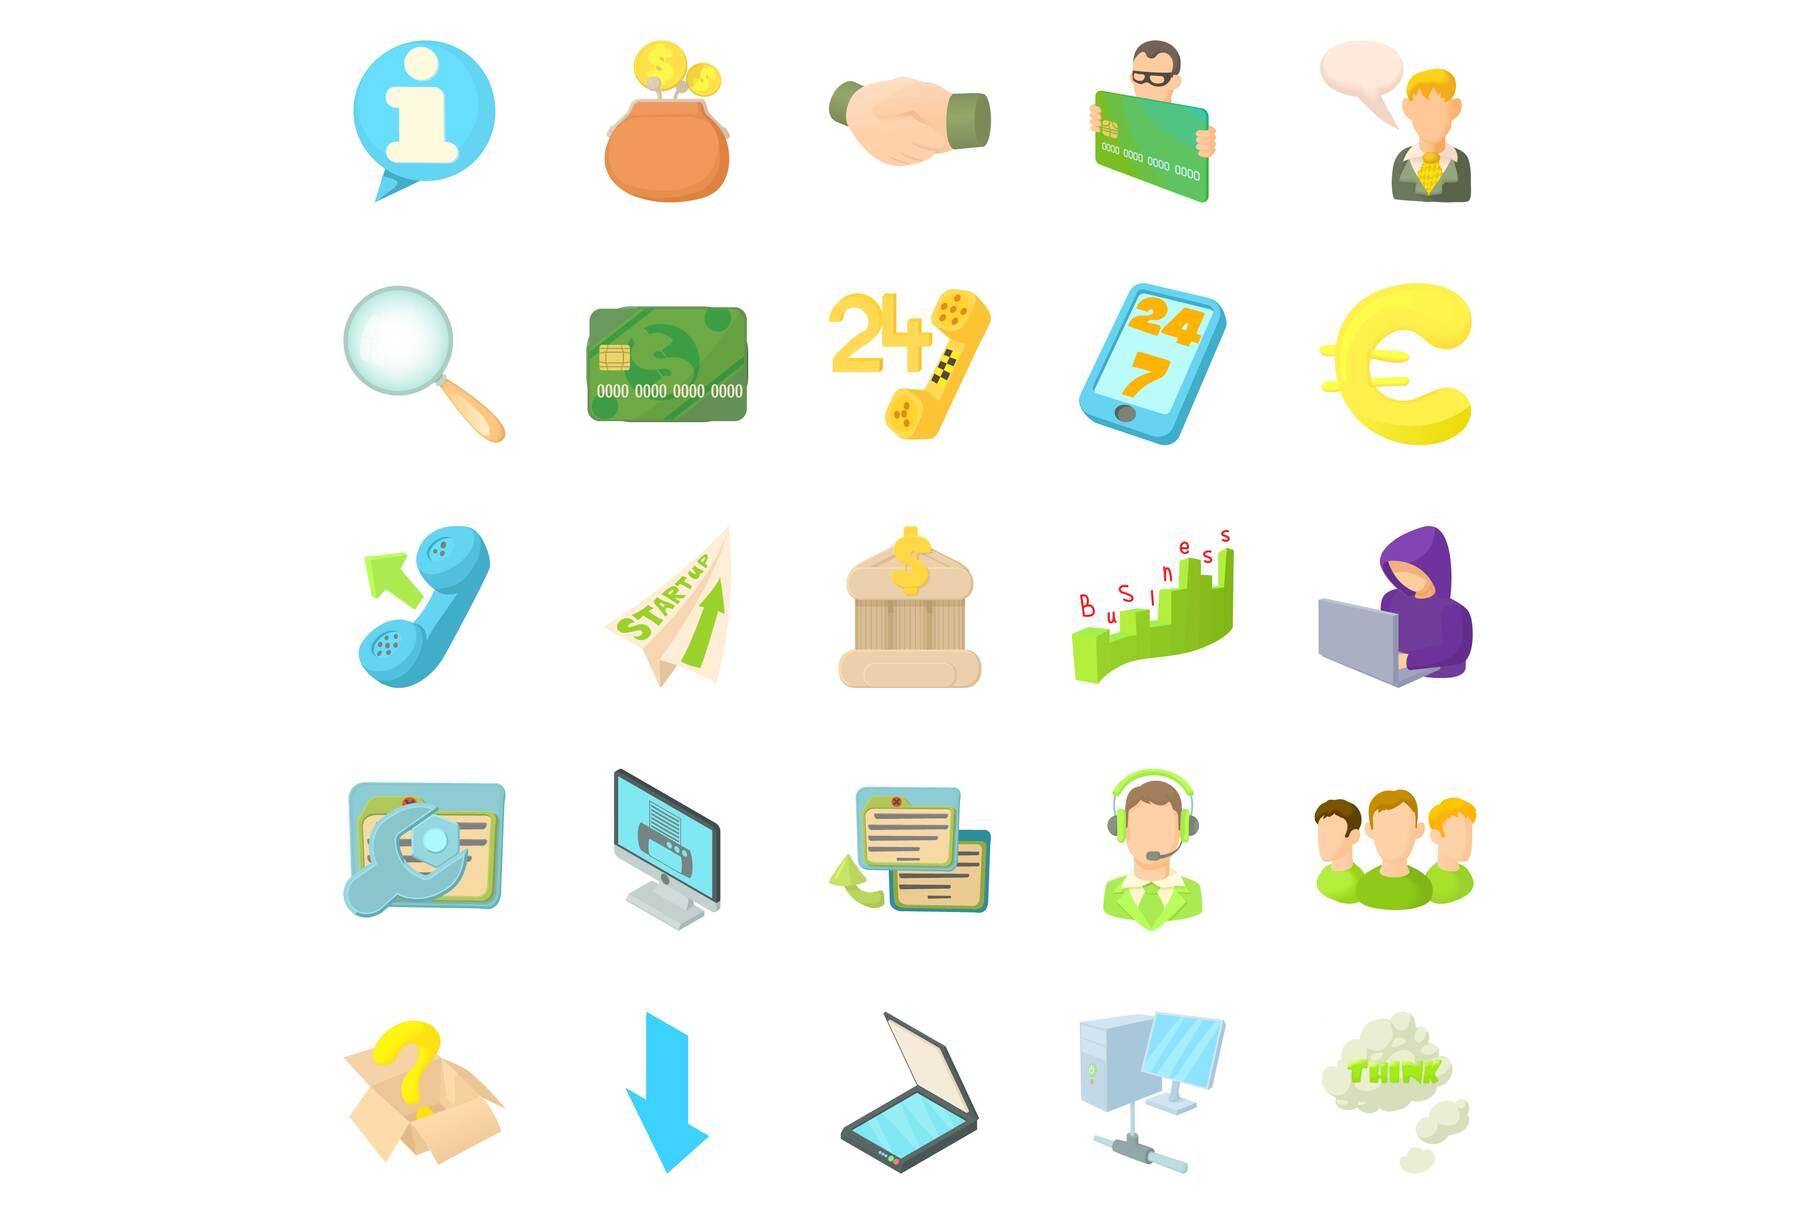 Internet money icons set, cartoon style example image 1